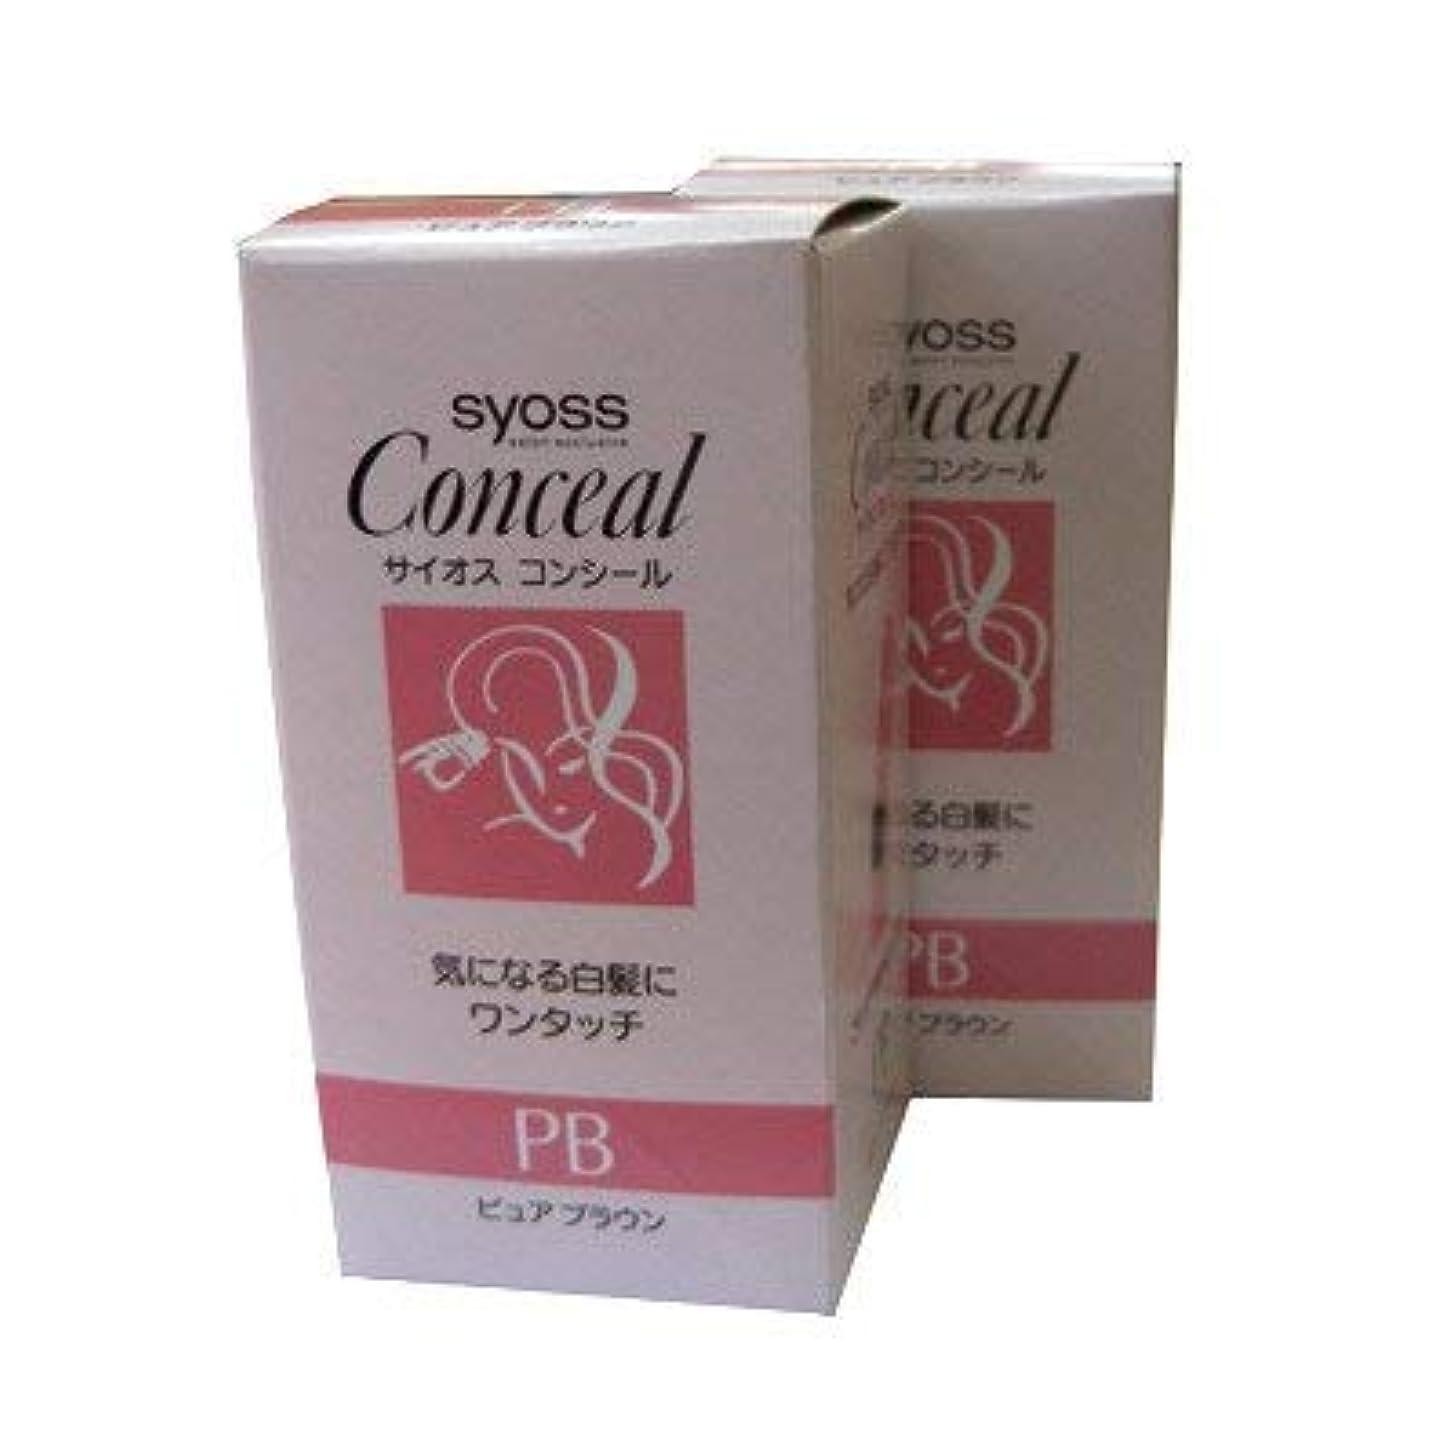 満足させるポンプおじいちゃんsyoss コンシールPB (ピュアブラウン) 8.2g 2個セット